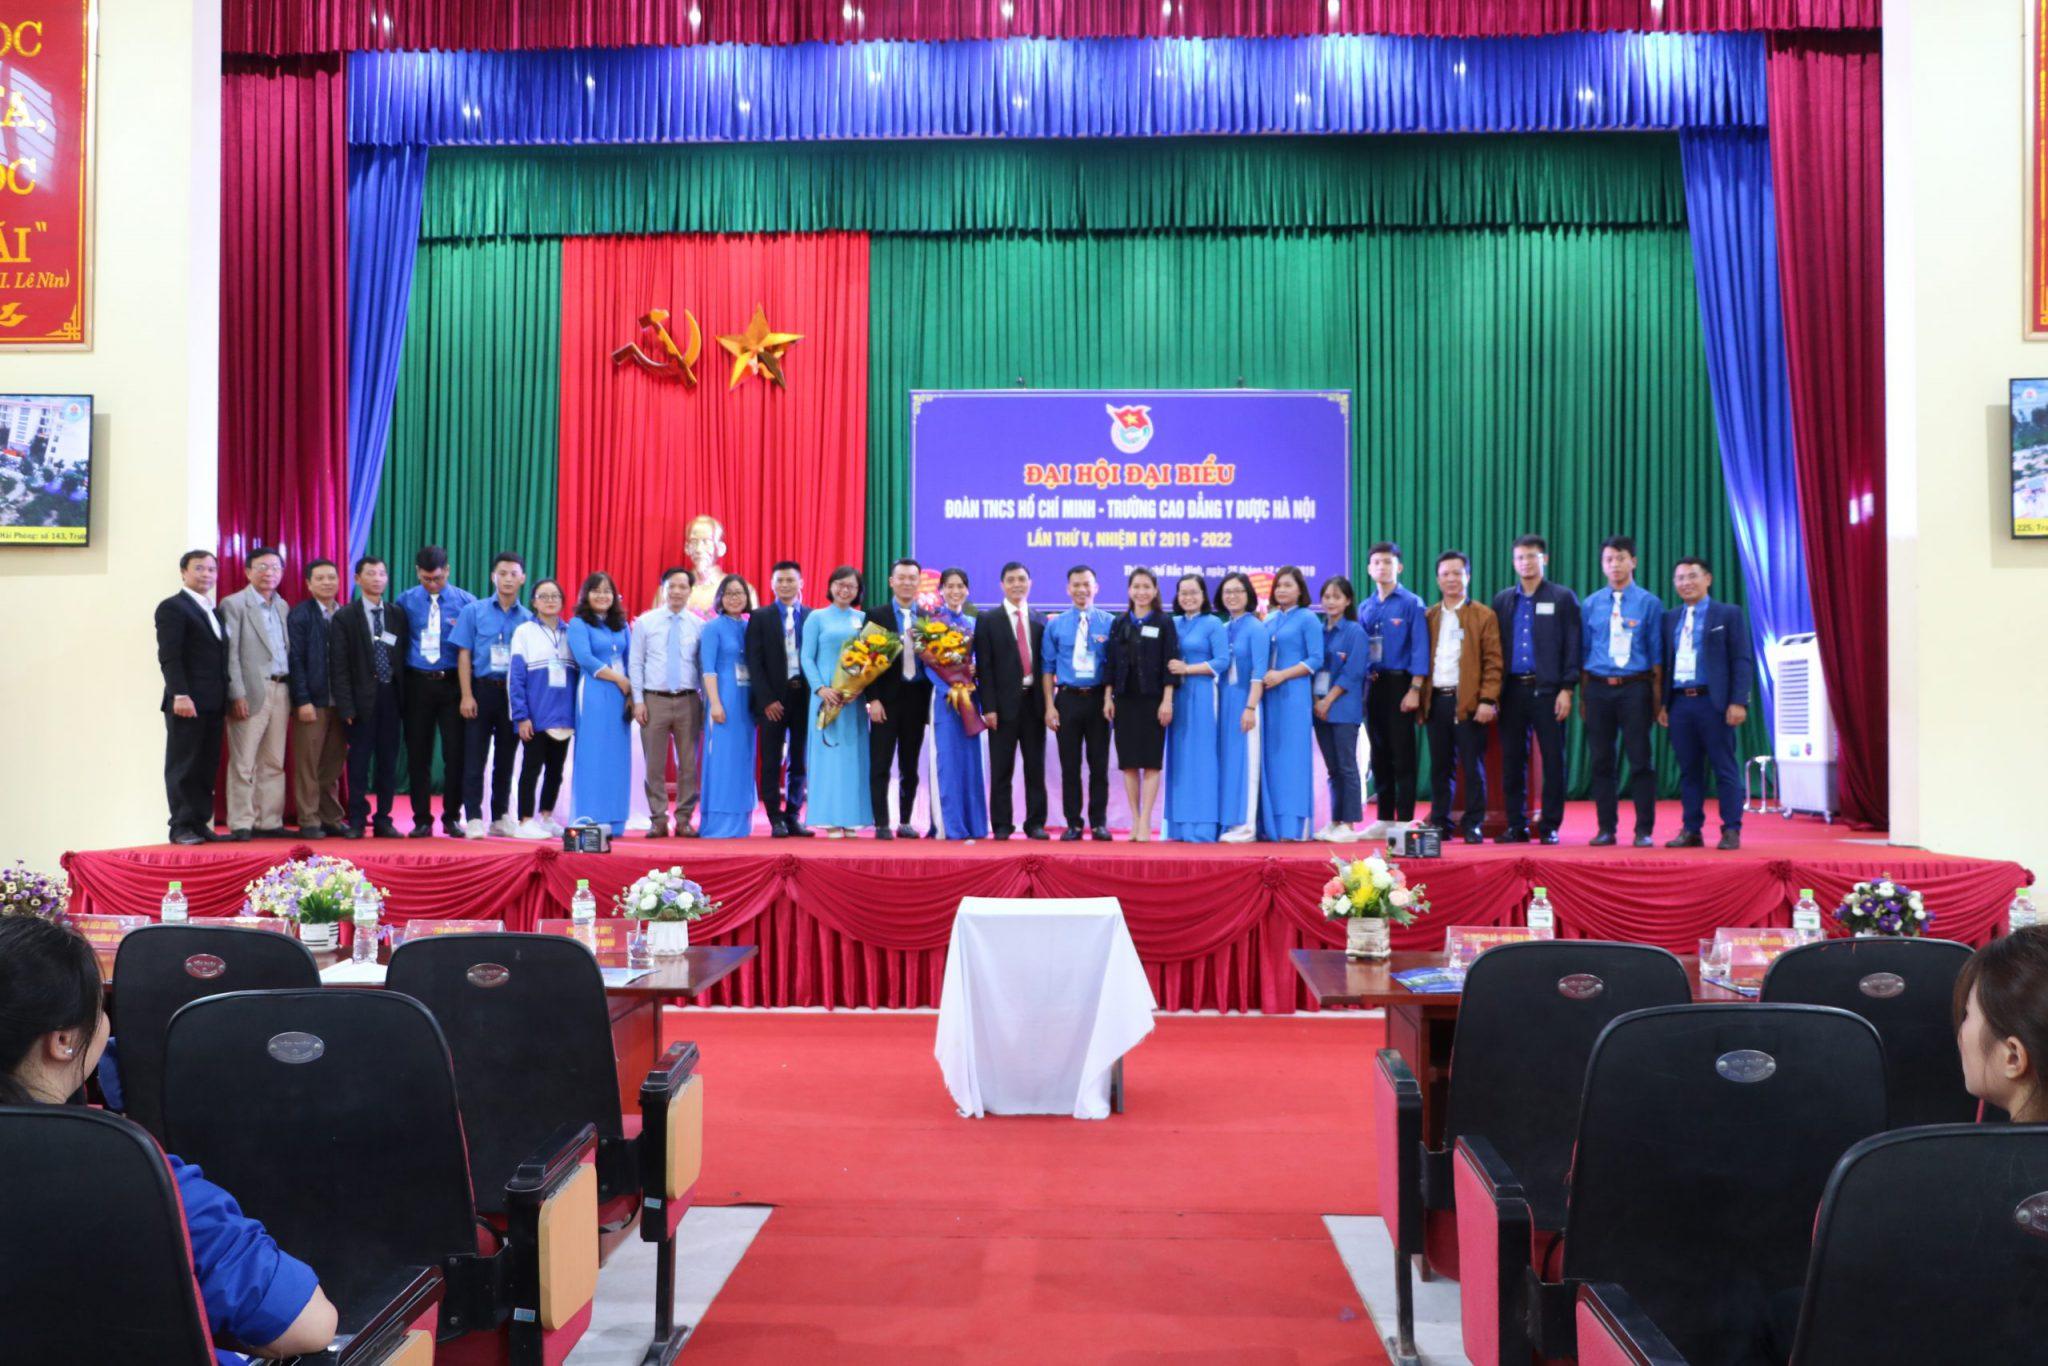 Đại hội Đại biểu Đoàn TNCS Hồ Chí Minh Trường Cao đẳng Y Dược Hà Nội lần thứ V, nhiệm kỳ 2019-2022